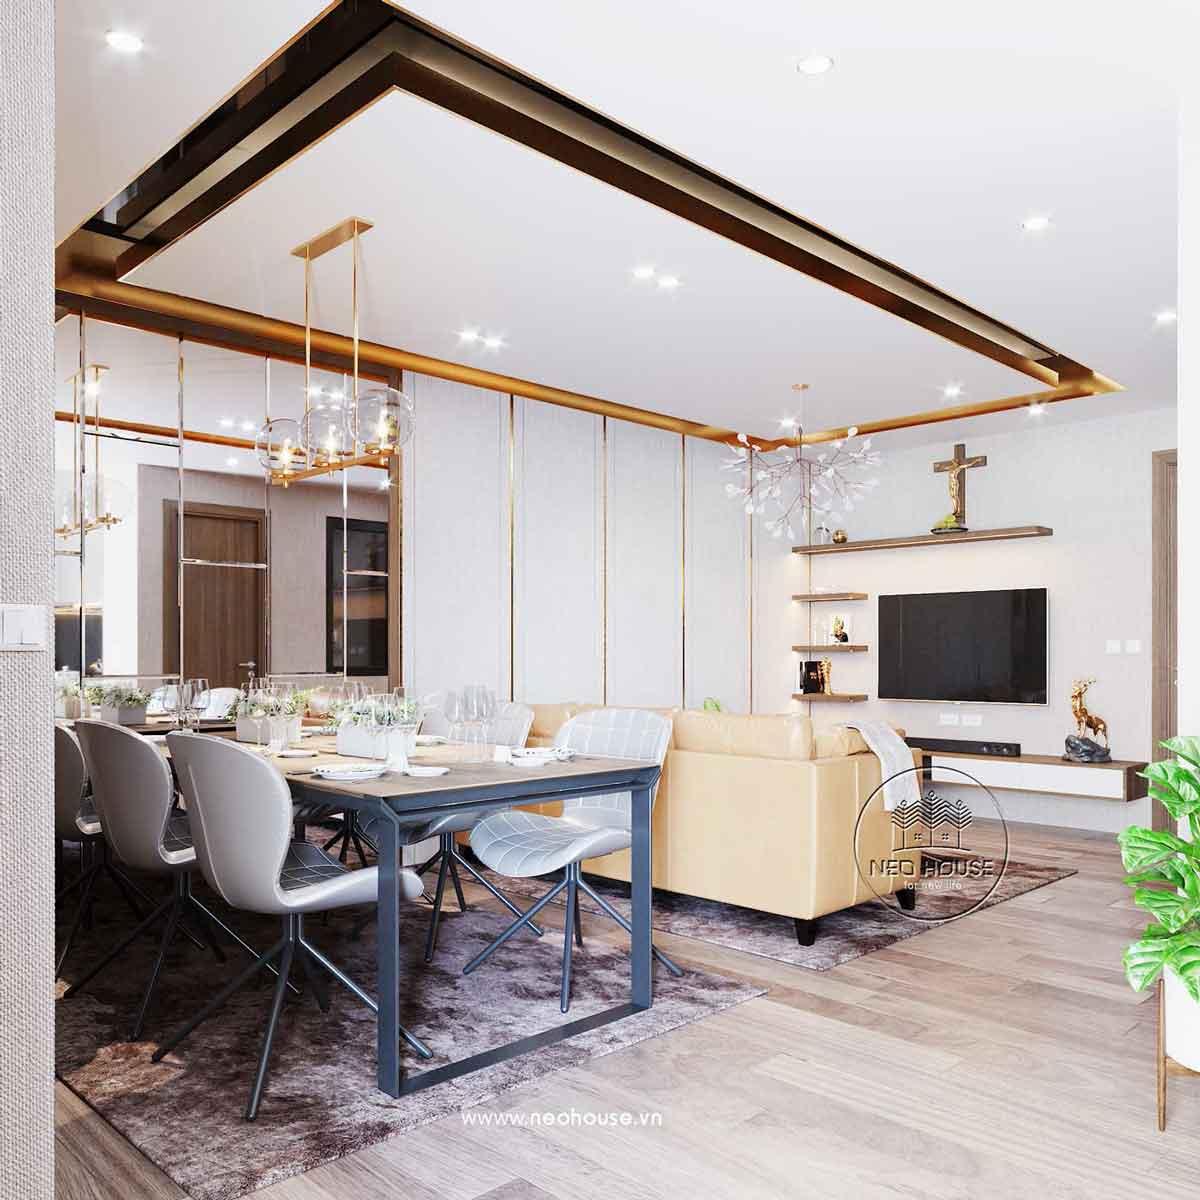 Thiết kế nội thất chung cư 80m2. Ảnh 4